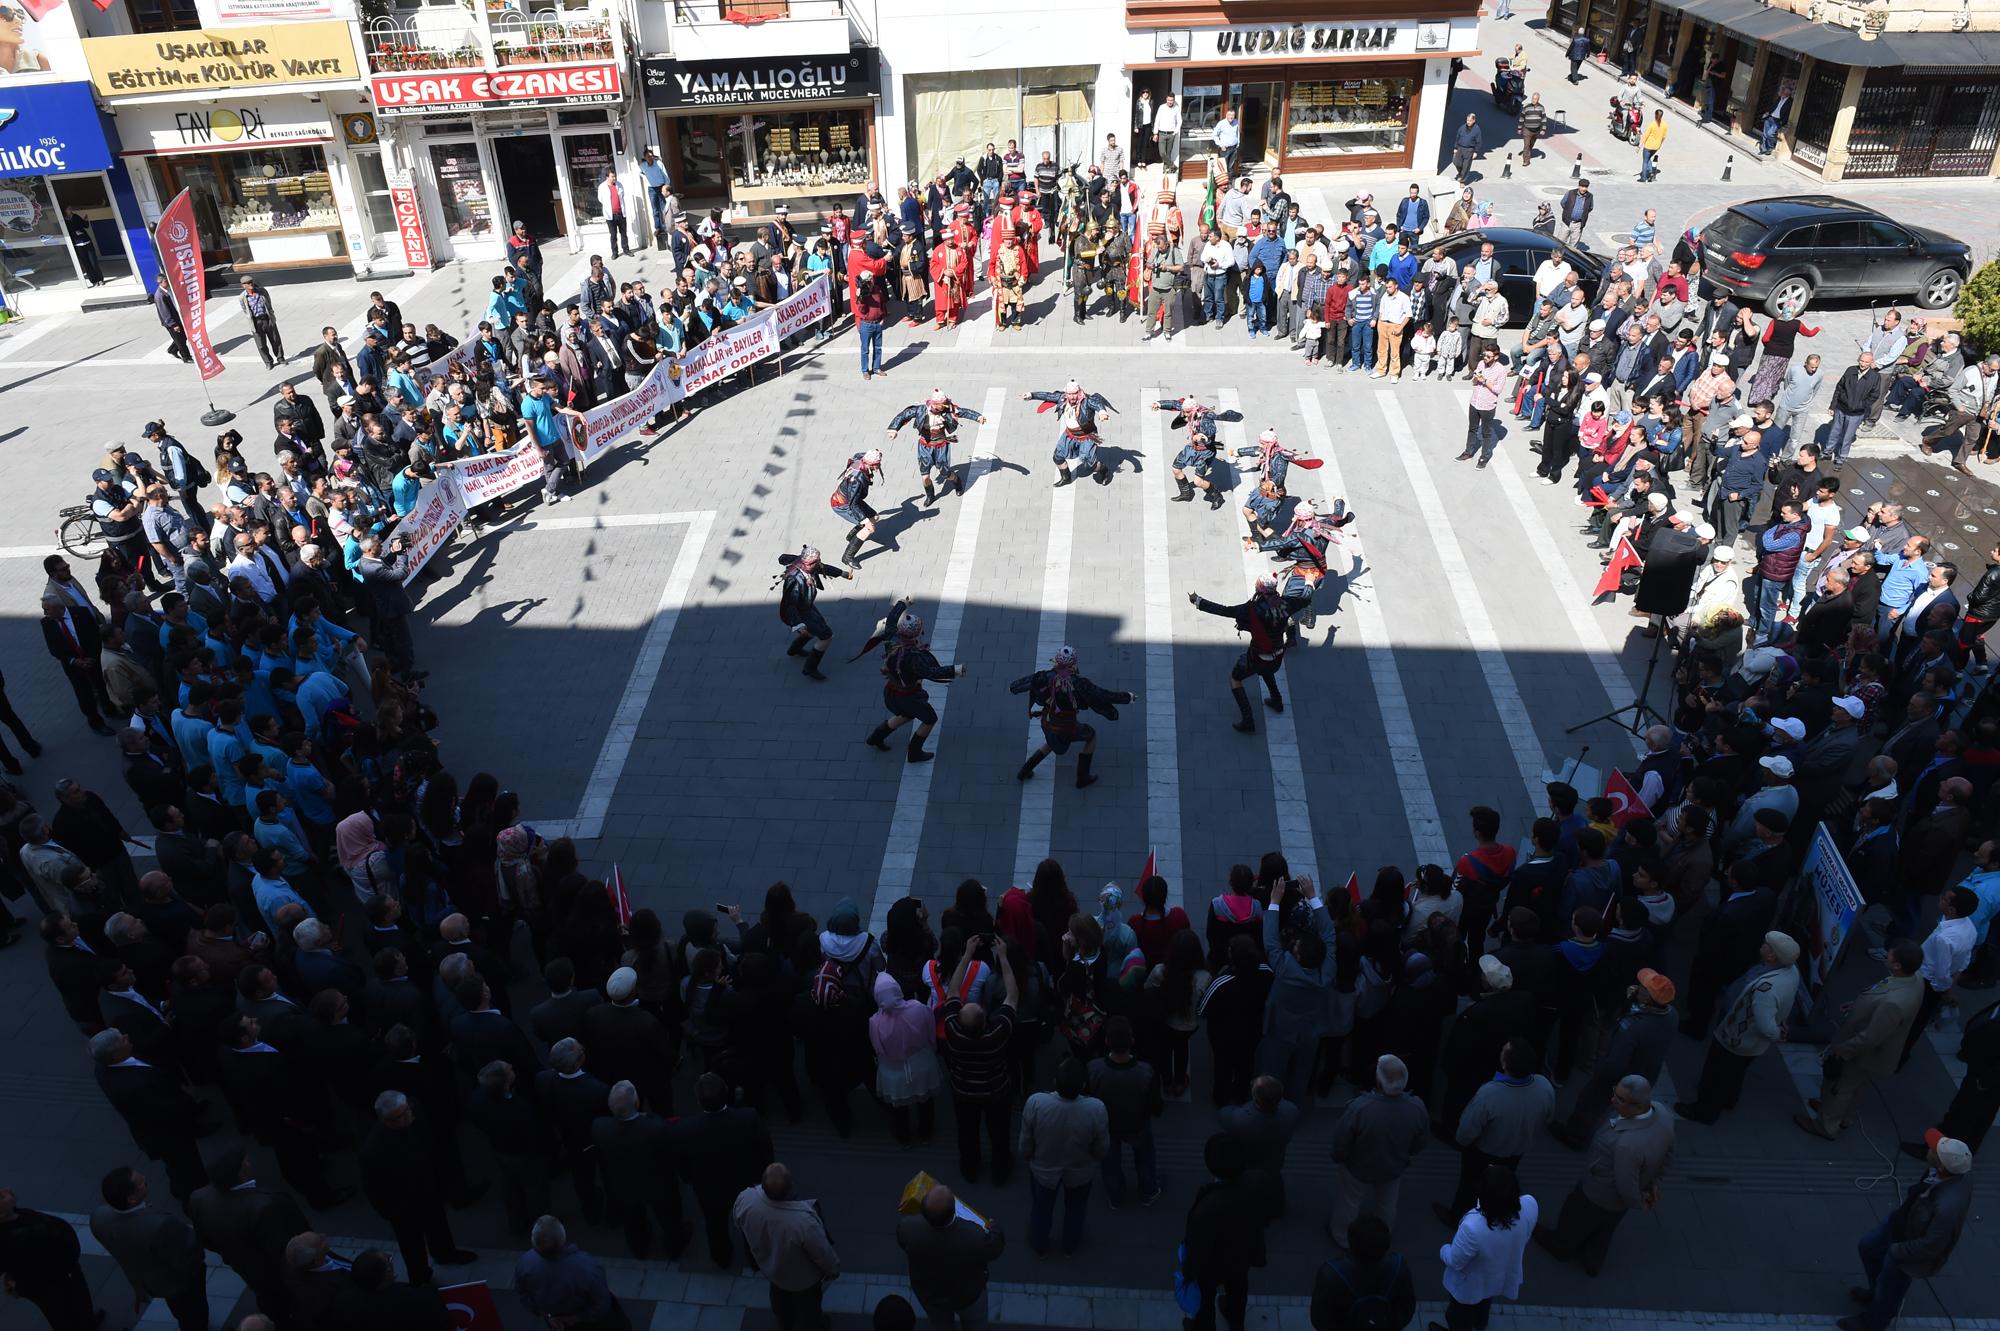 Uşak'ta Esnaf Festivali Görkemli Bir Açılışla Başladı